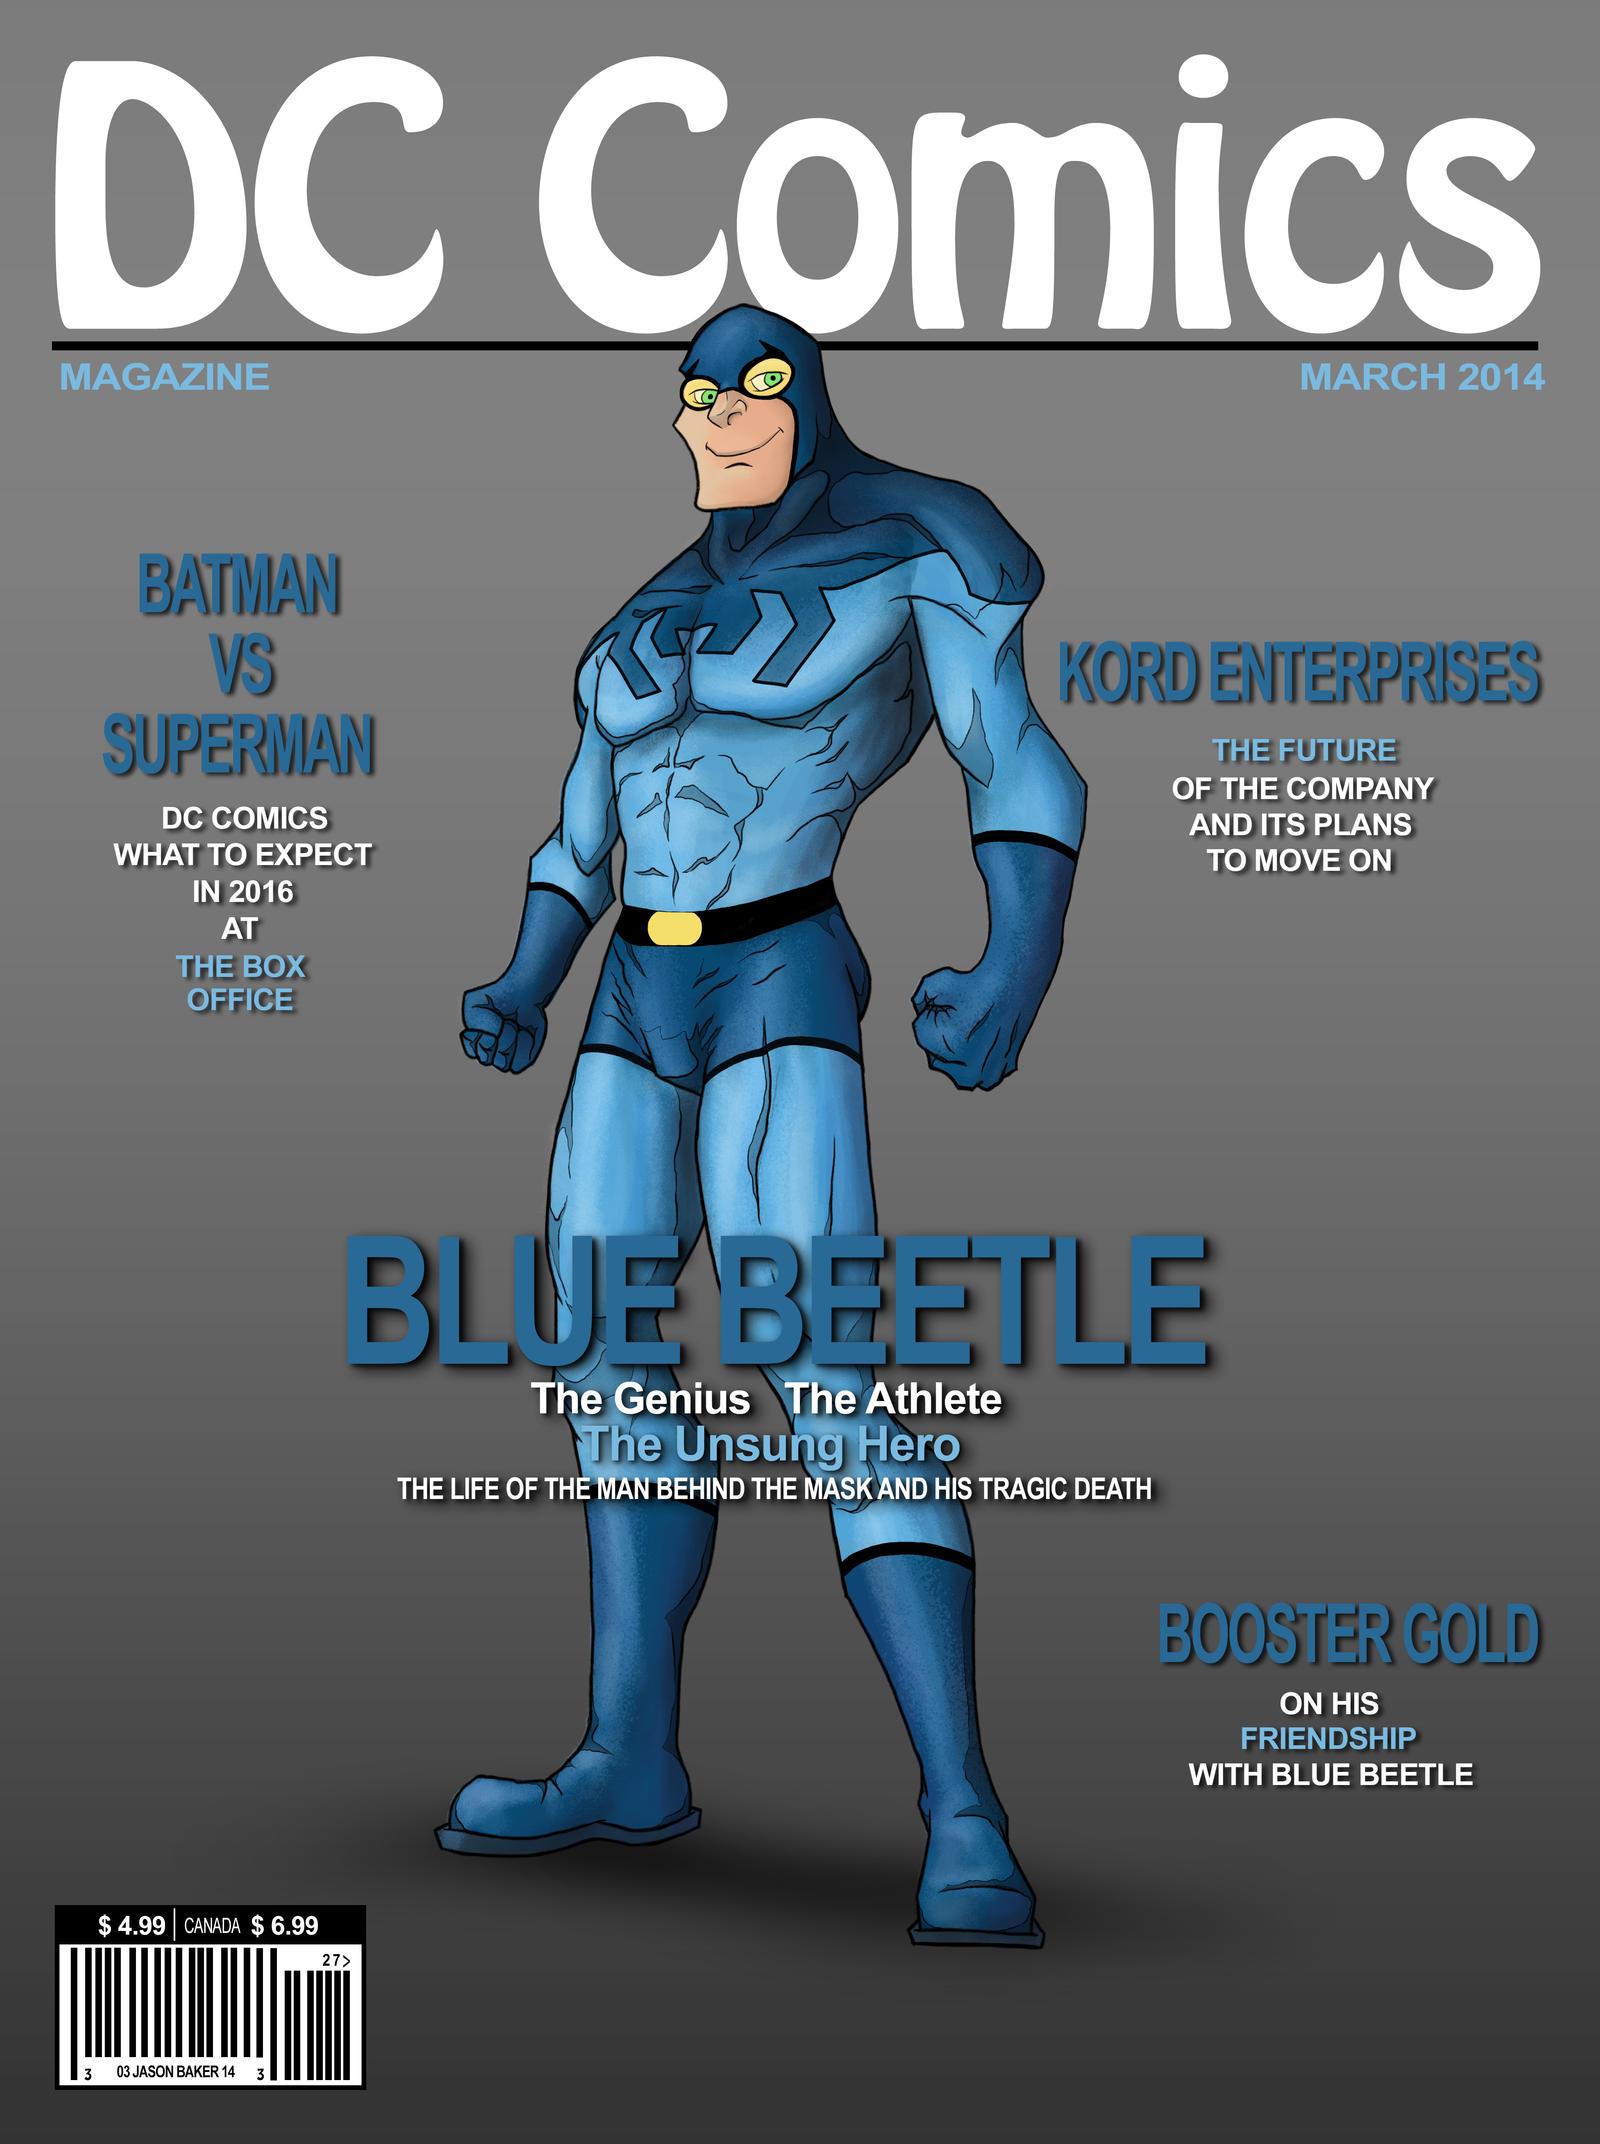 BeetleComic by jason720